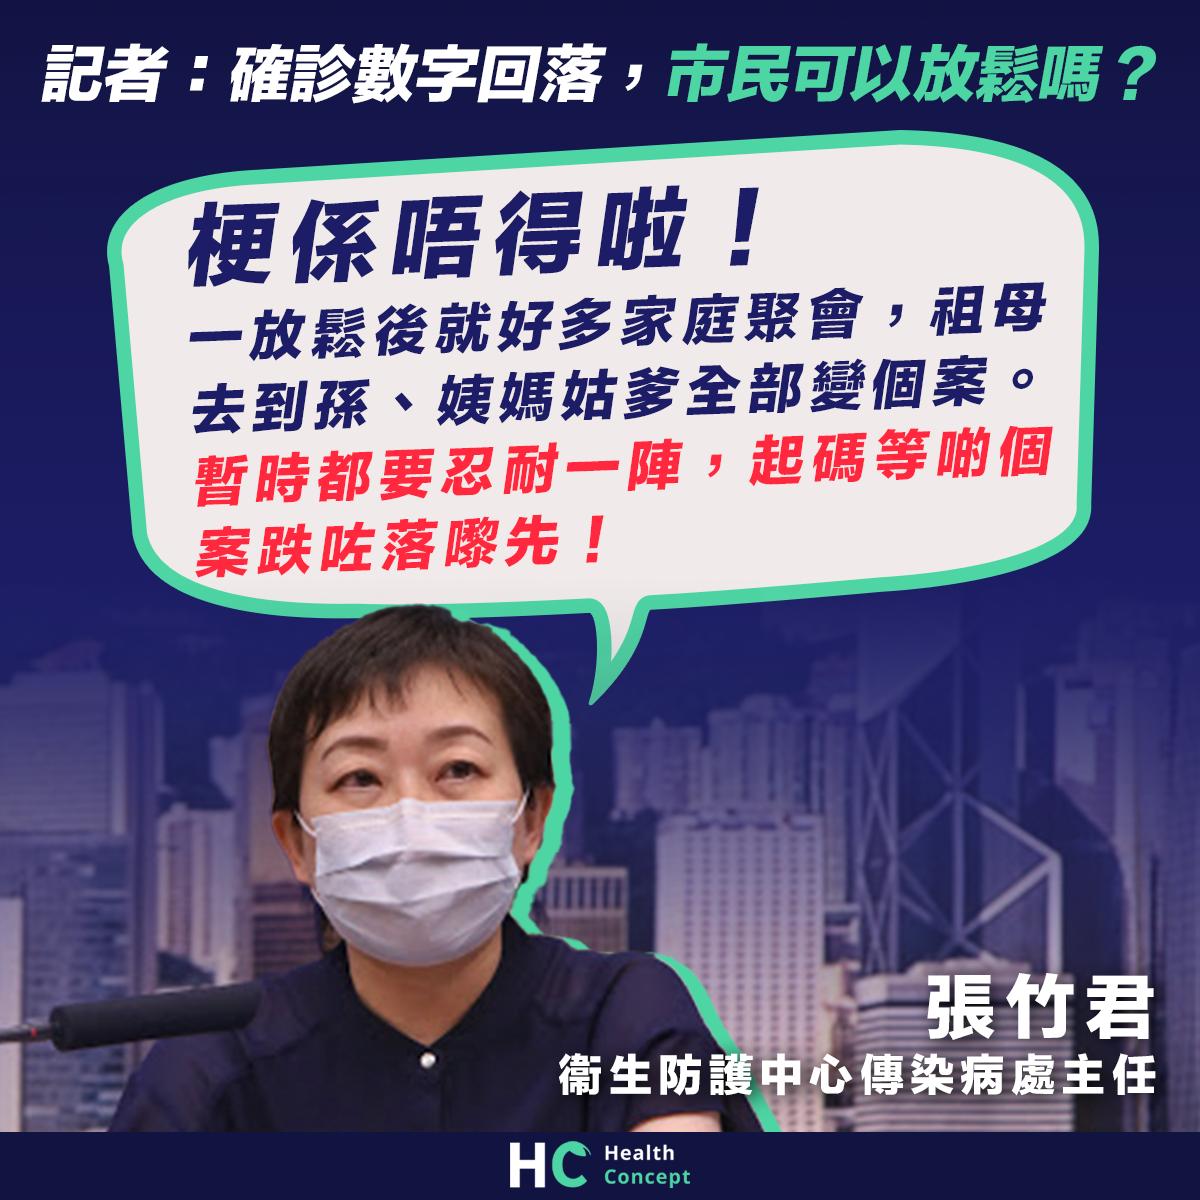 【#新型肺炎】確診數字回落,市民可以放鬆嗎?